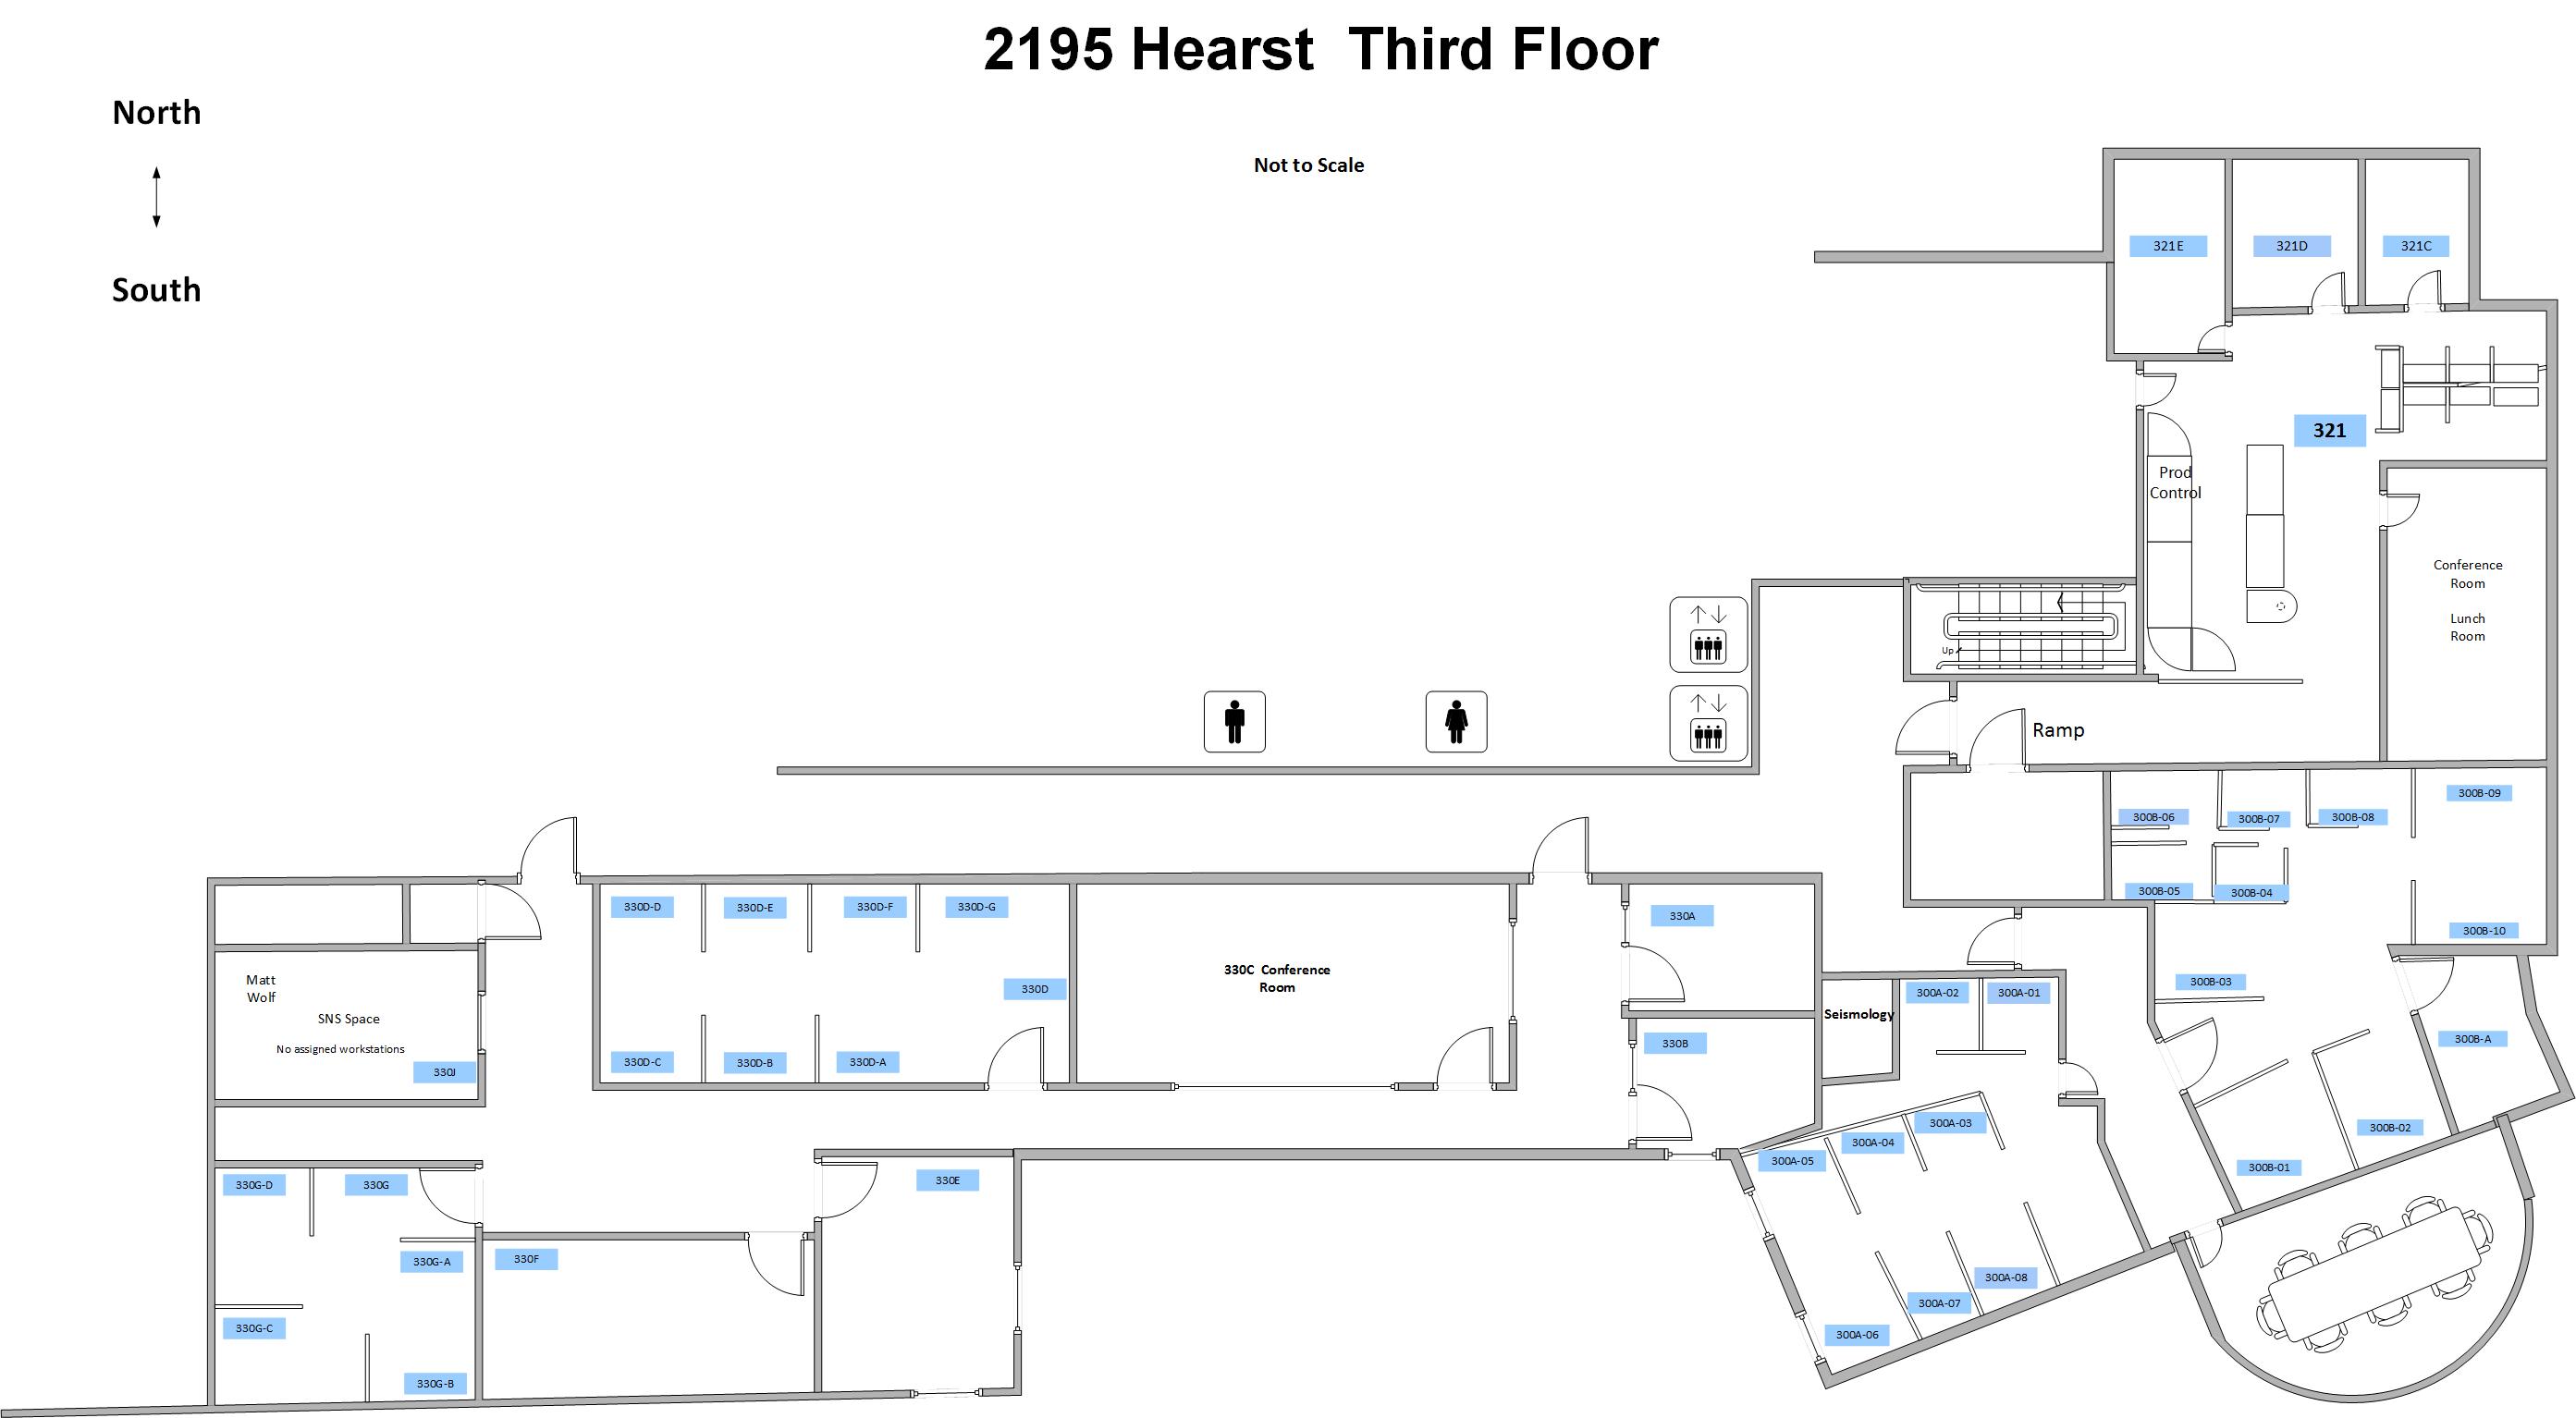 floor plan for 3rd floor of Earl Warren Hall